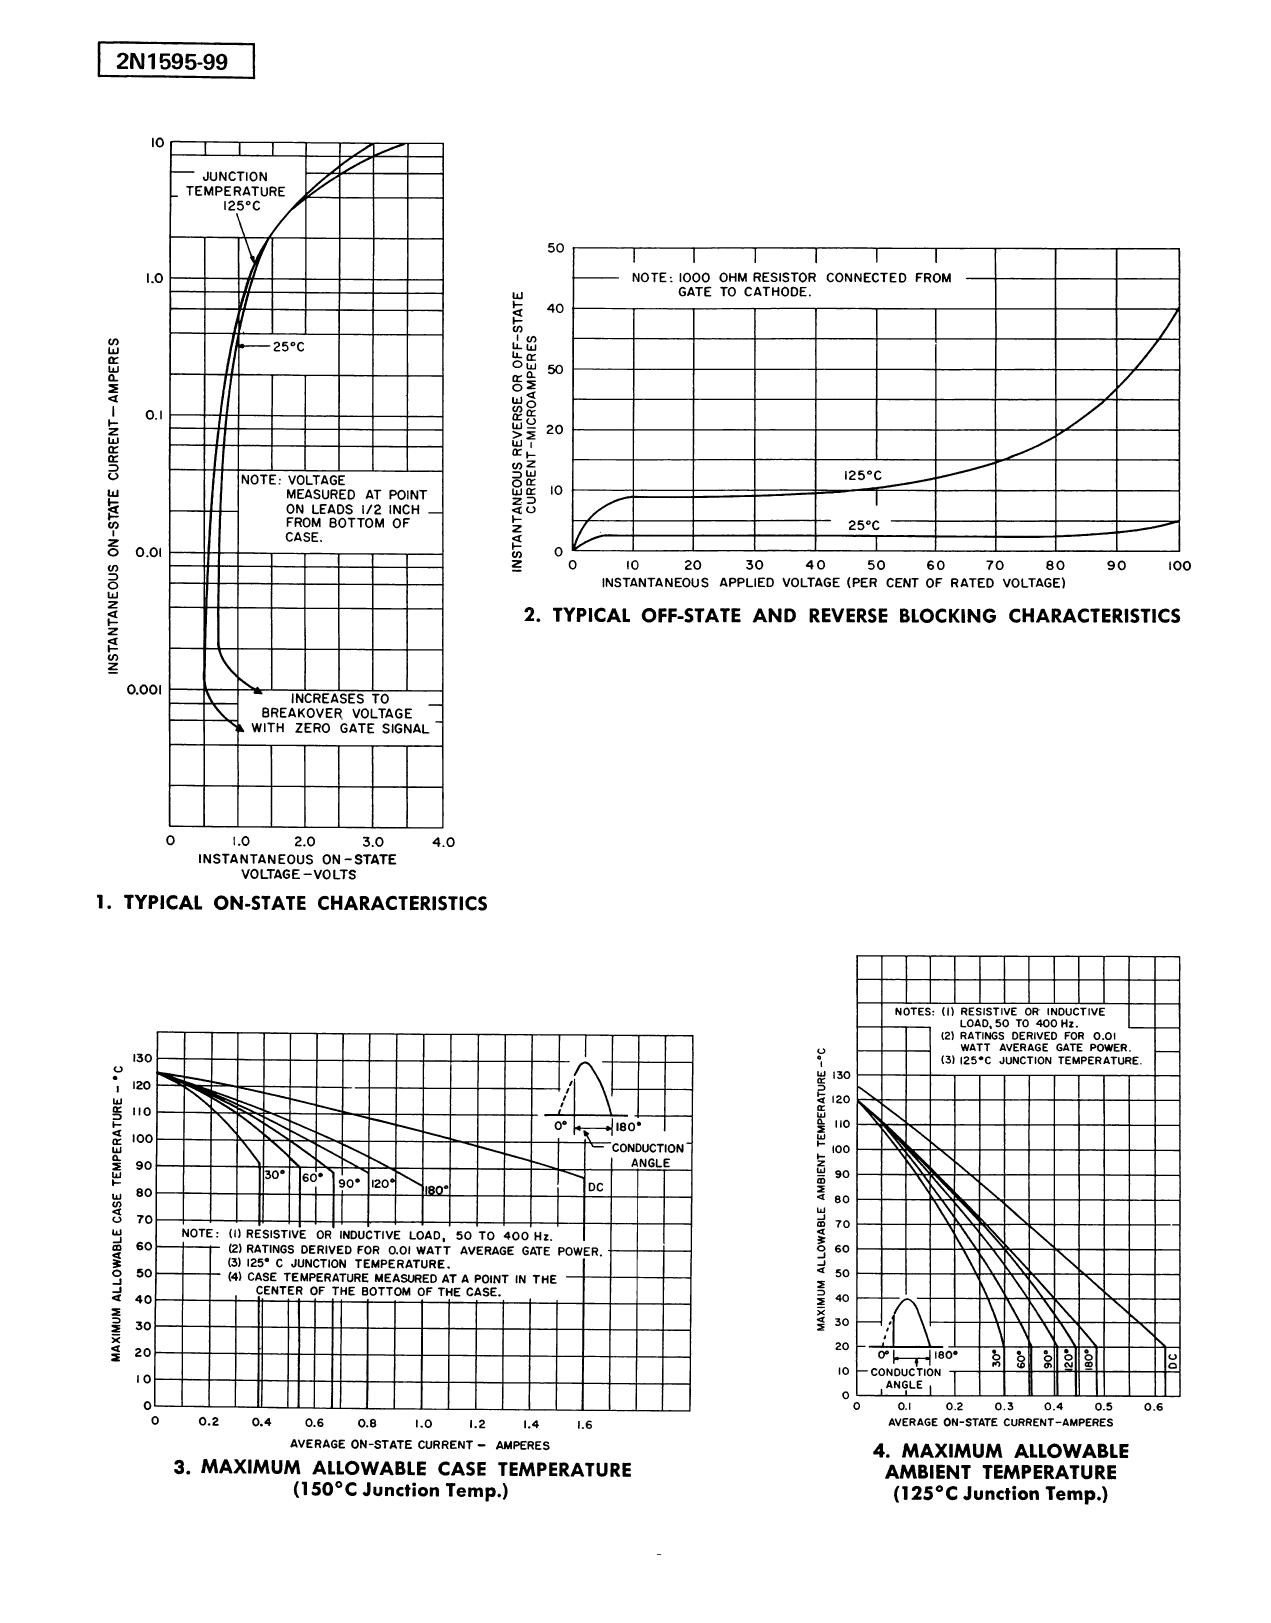 2N1598 pdf, 電子部品, 半導体, ピン配列